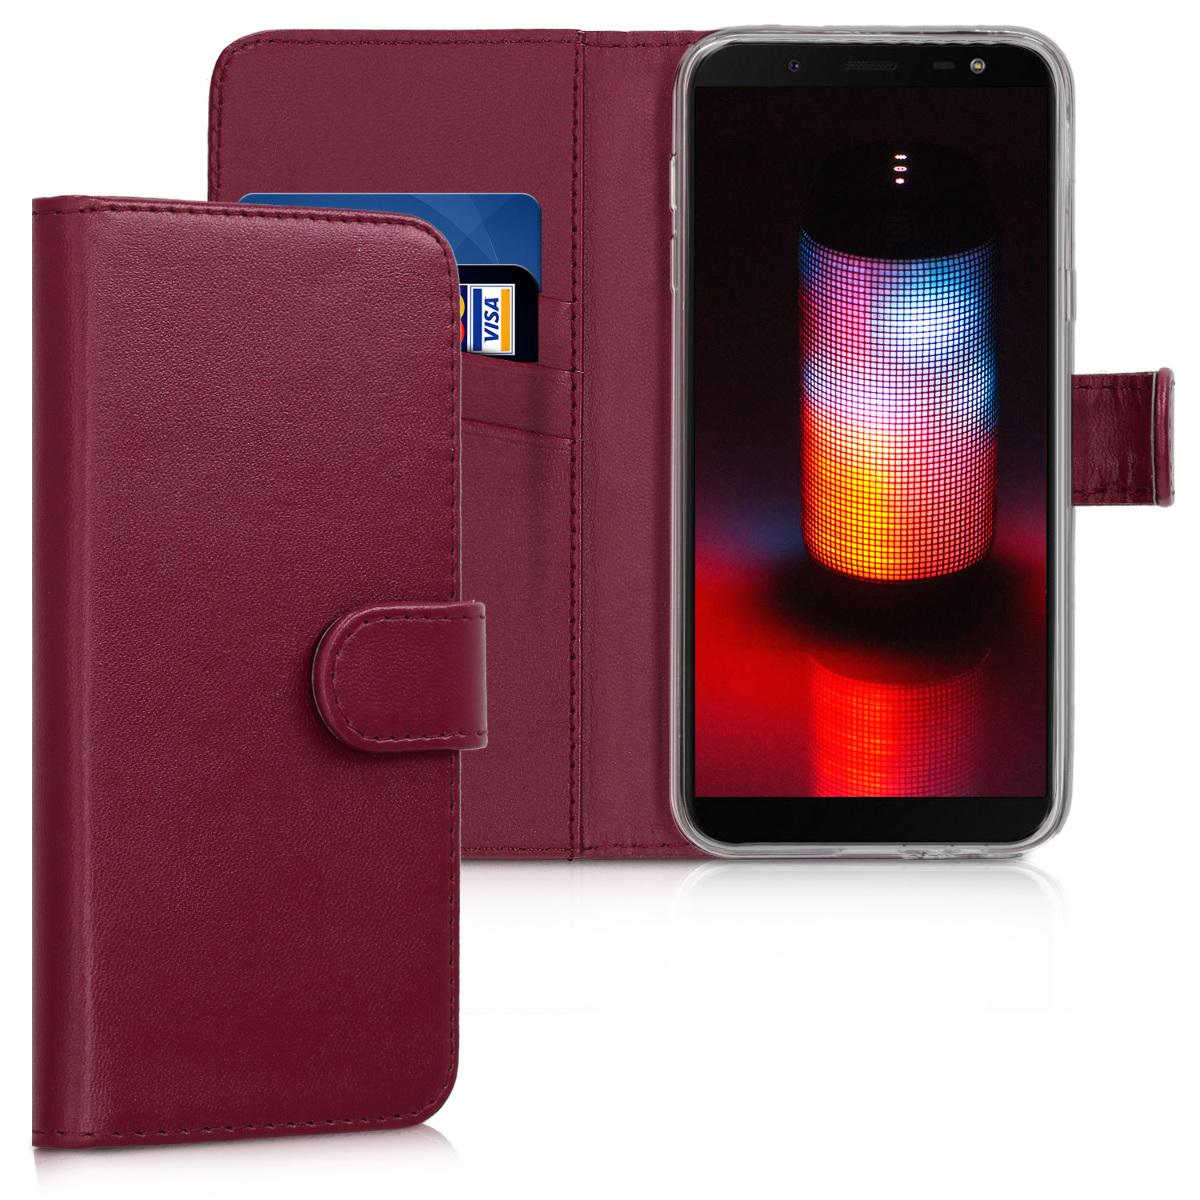 KW Θήκη Πορτοφόλι Samsung Galaxy J6 2018 - Dark Red (45798.13)